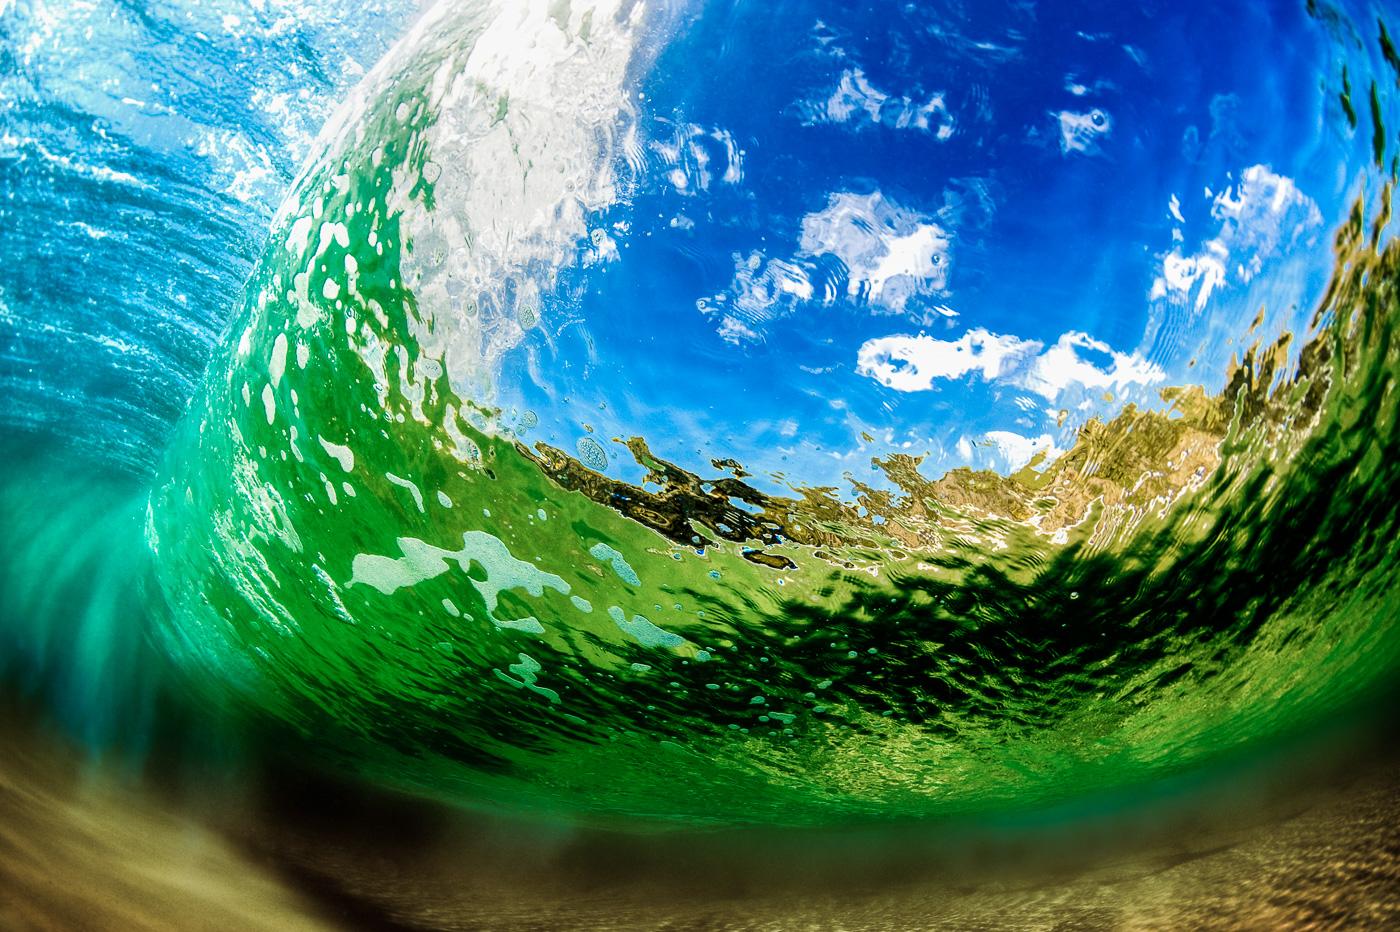 underwater waves ireland green